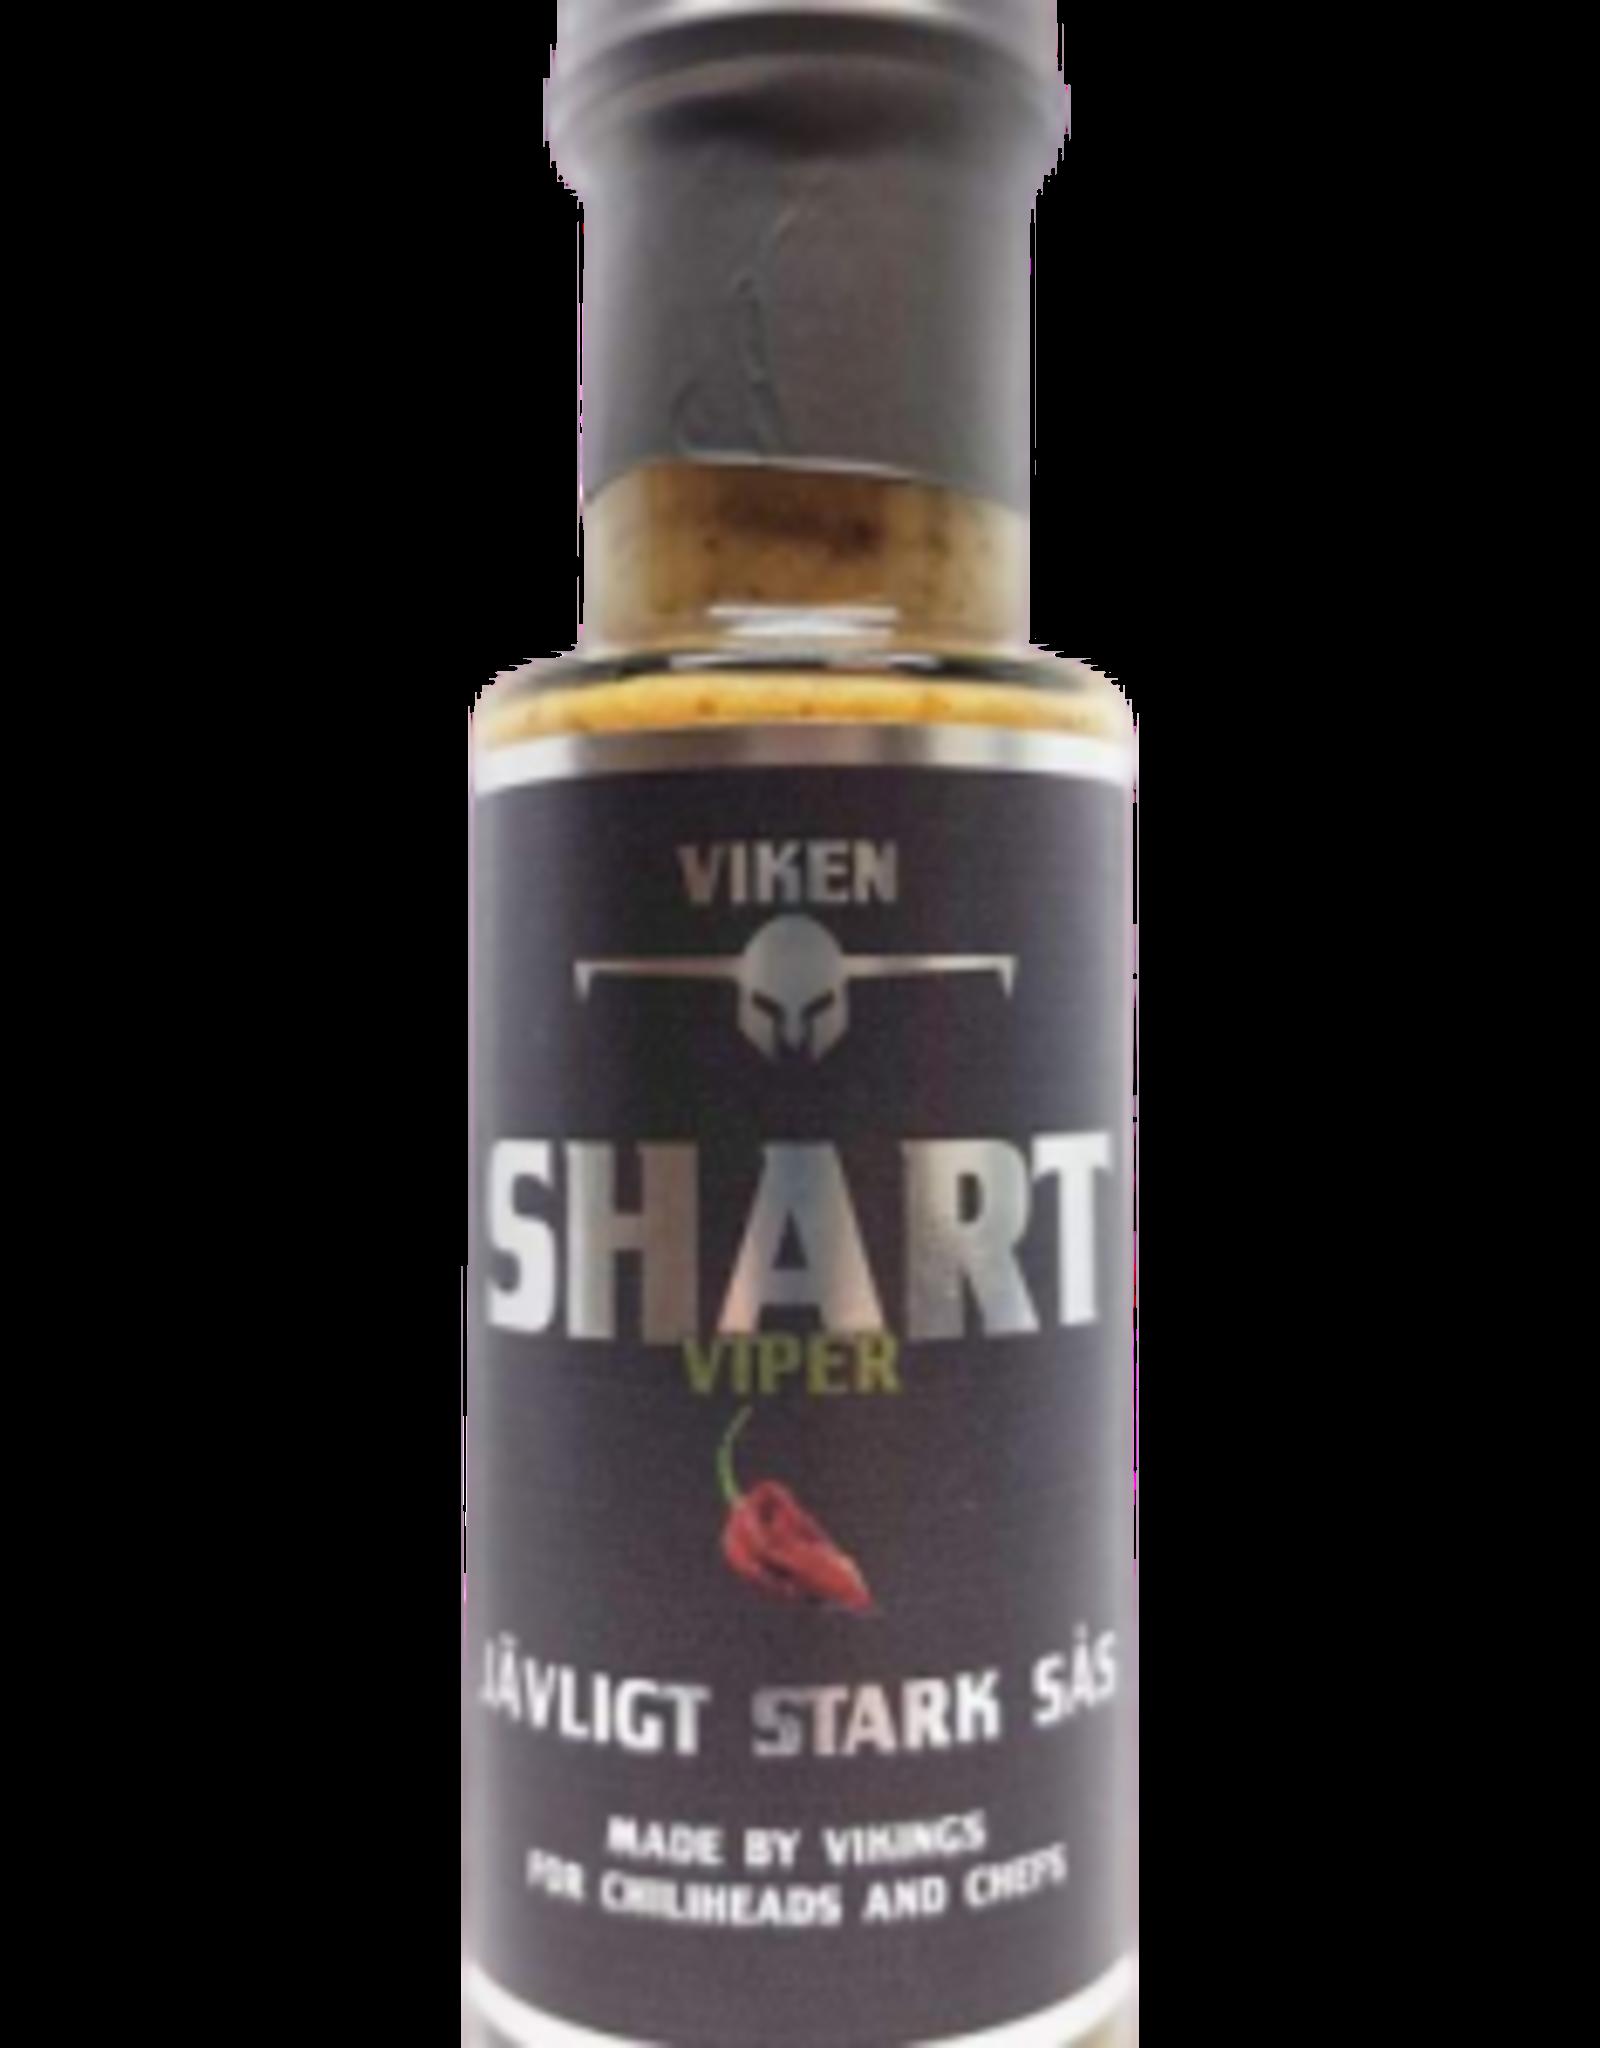 Shart Viper